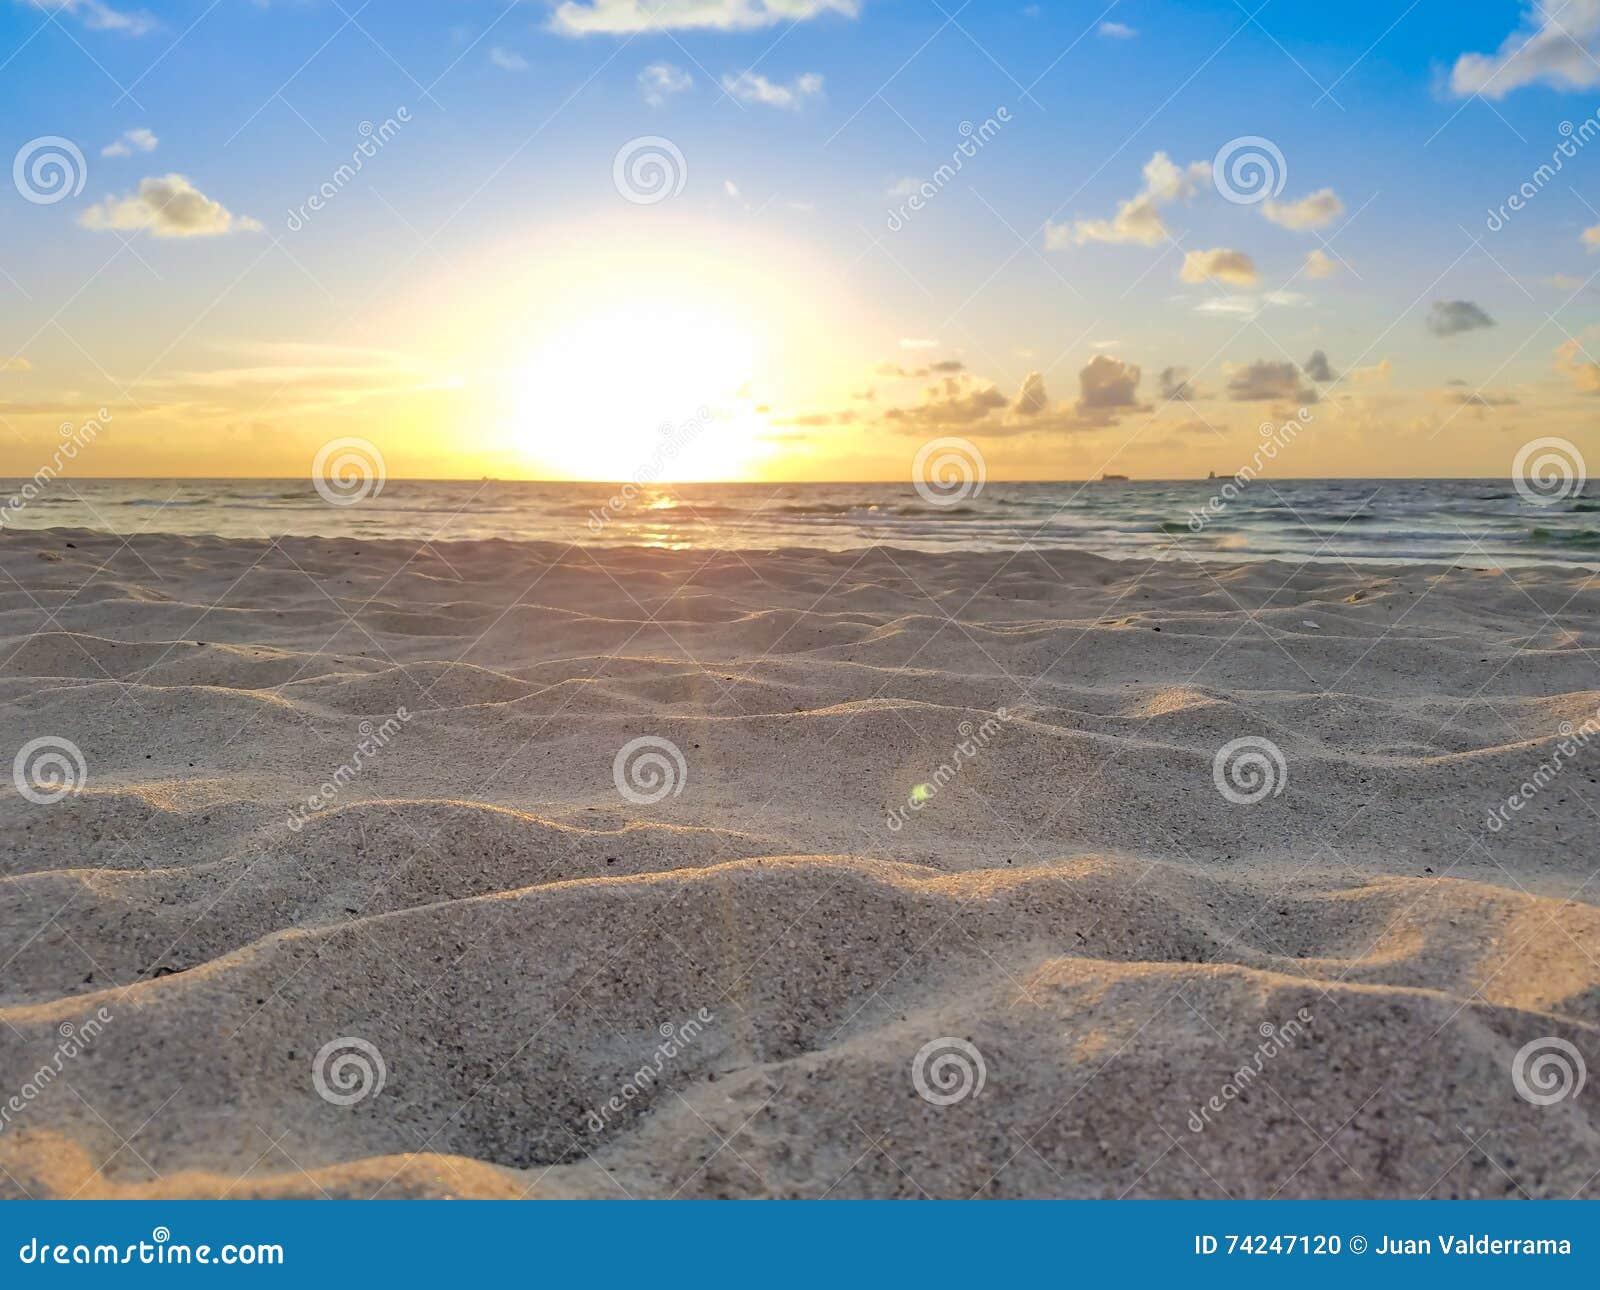 Ανατολή, ήλιος, άμμος, καλοκαίρι, ωκεανός & μπλε ουρανός παραλιών